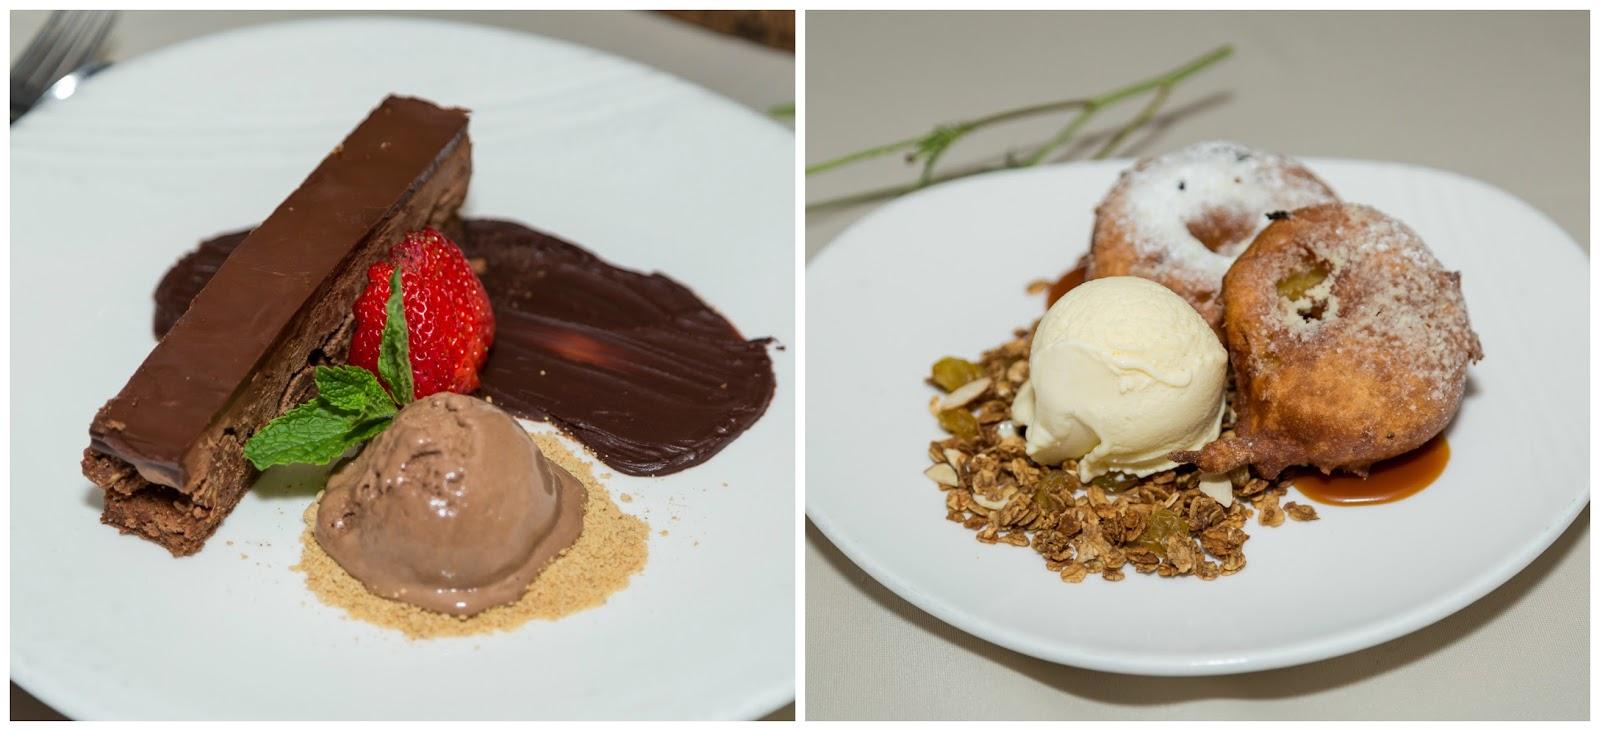 CUSP dessert, delicious desserts, san diego desserts